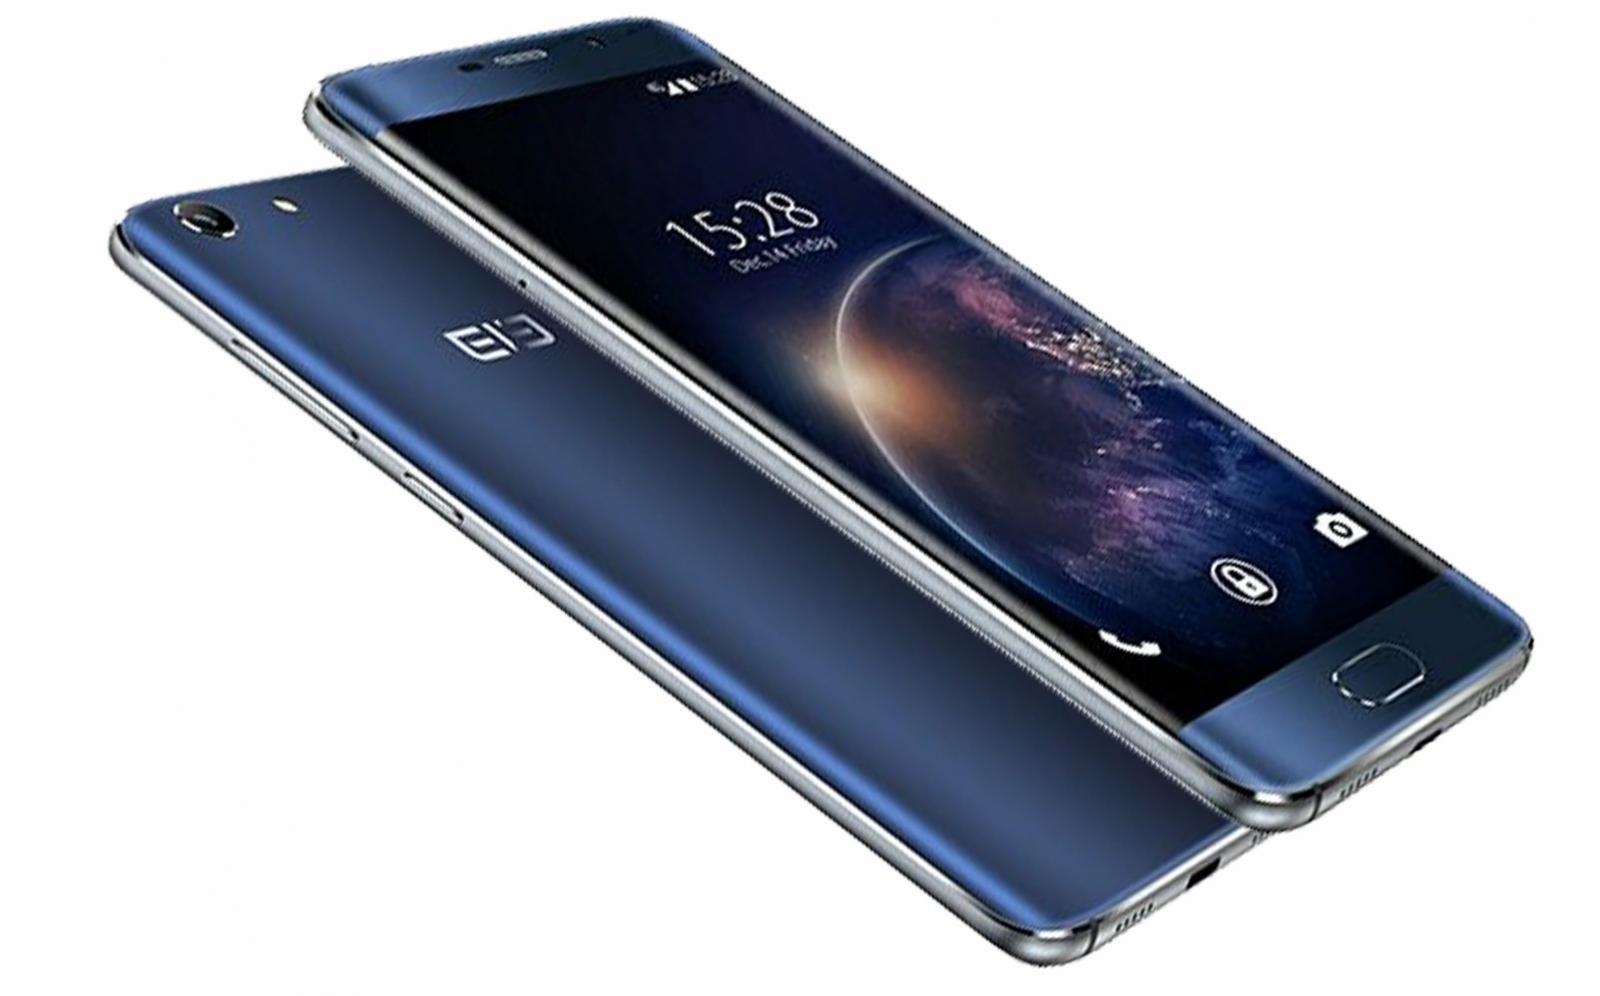 [Gearbest] Elephone S7 3GB / 32GB mit Band 20 und OTA für 149,35 € - 22% Ersparnis